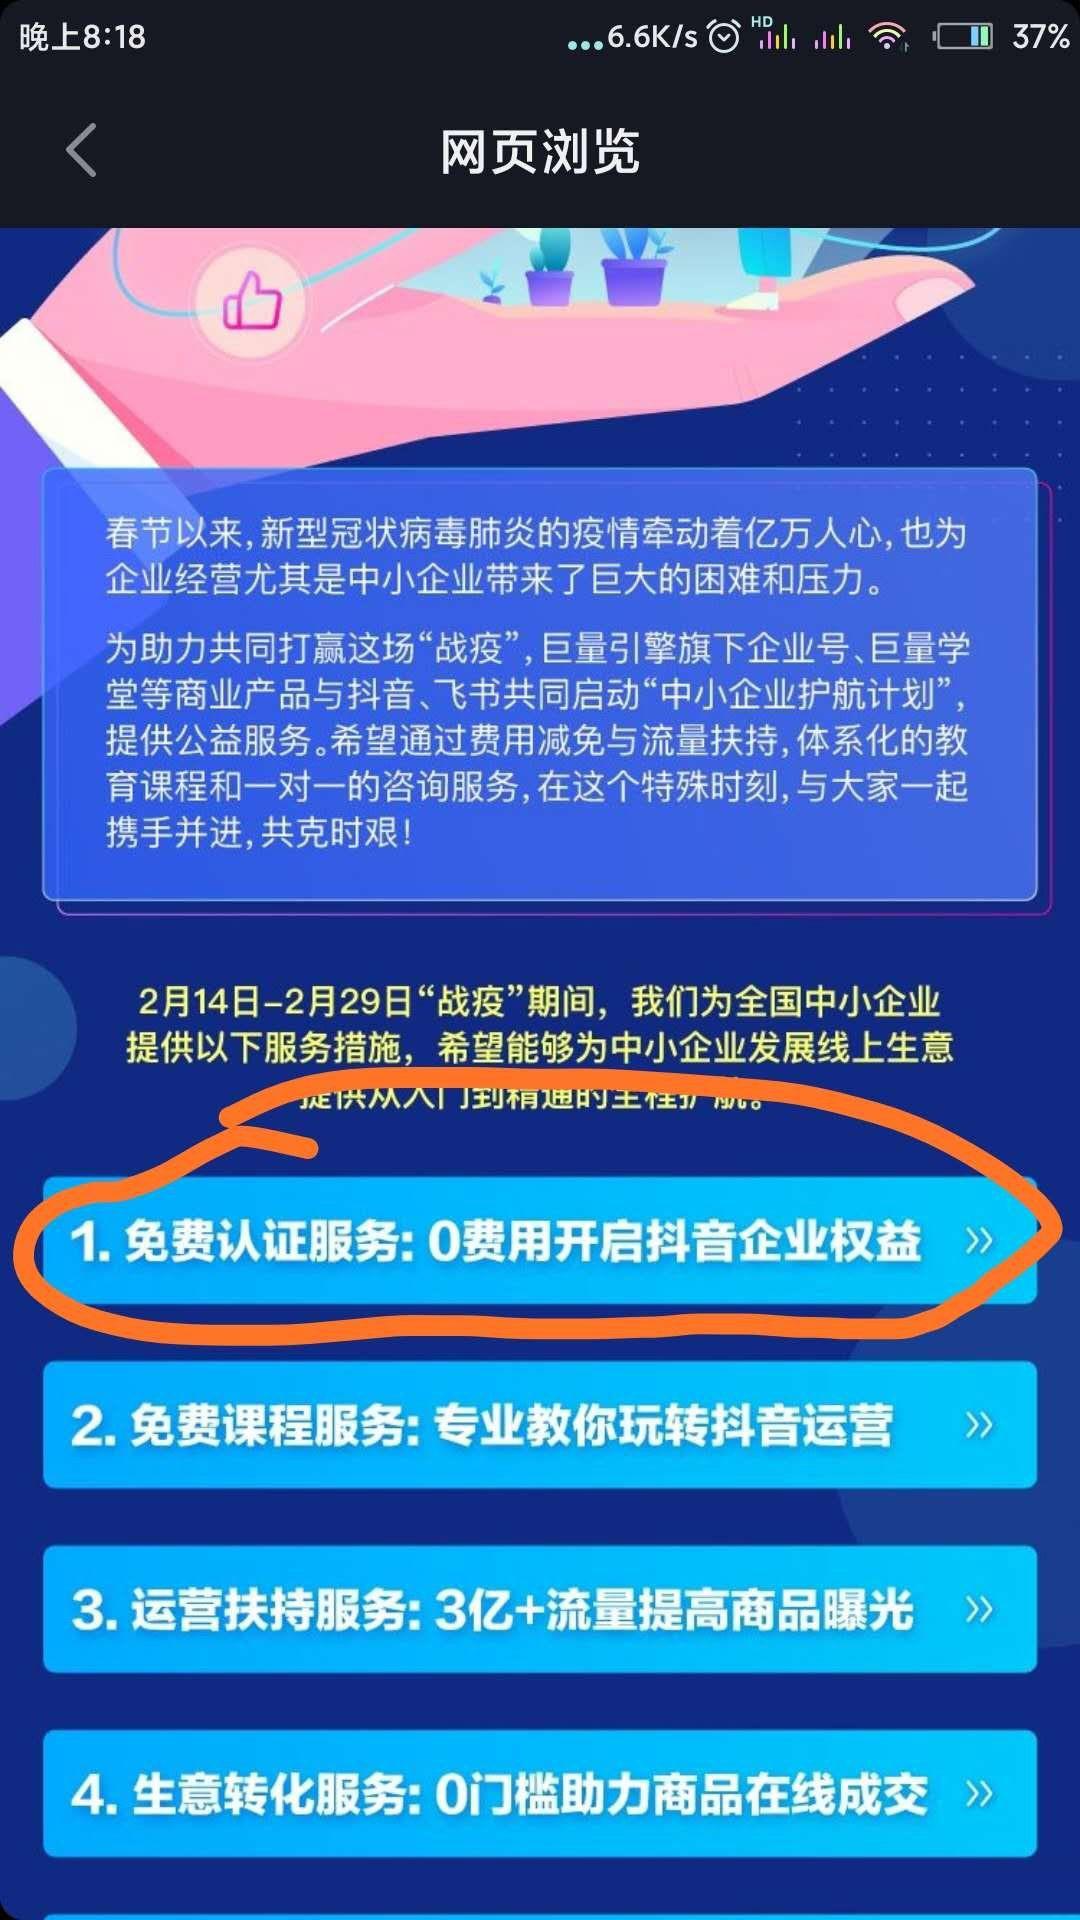 2020年抖音最新免费【企业认证】方法-节省600元3